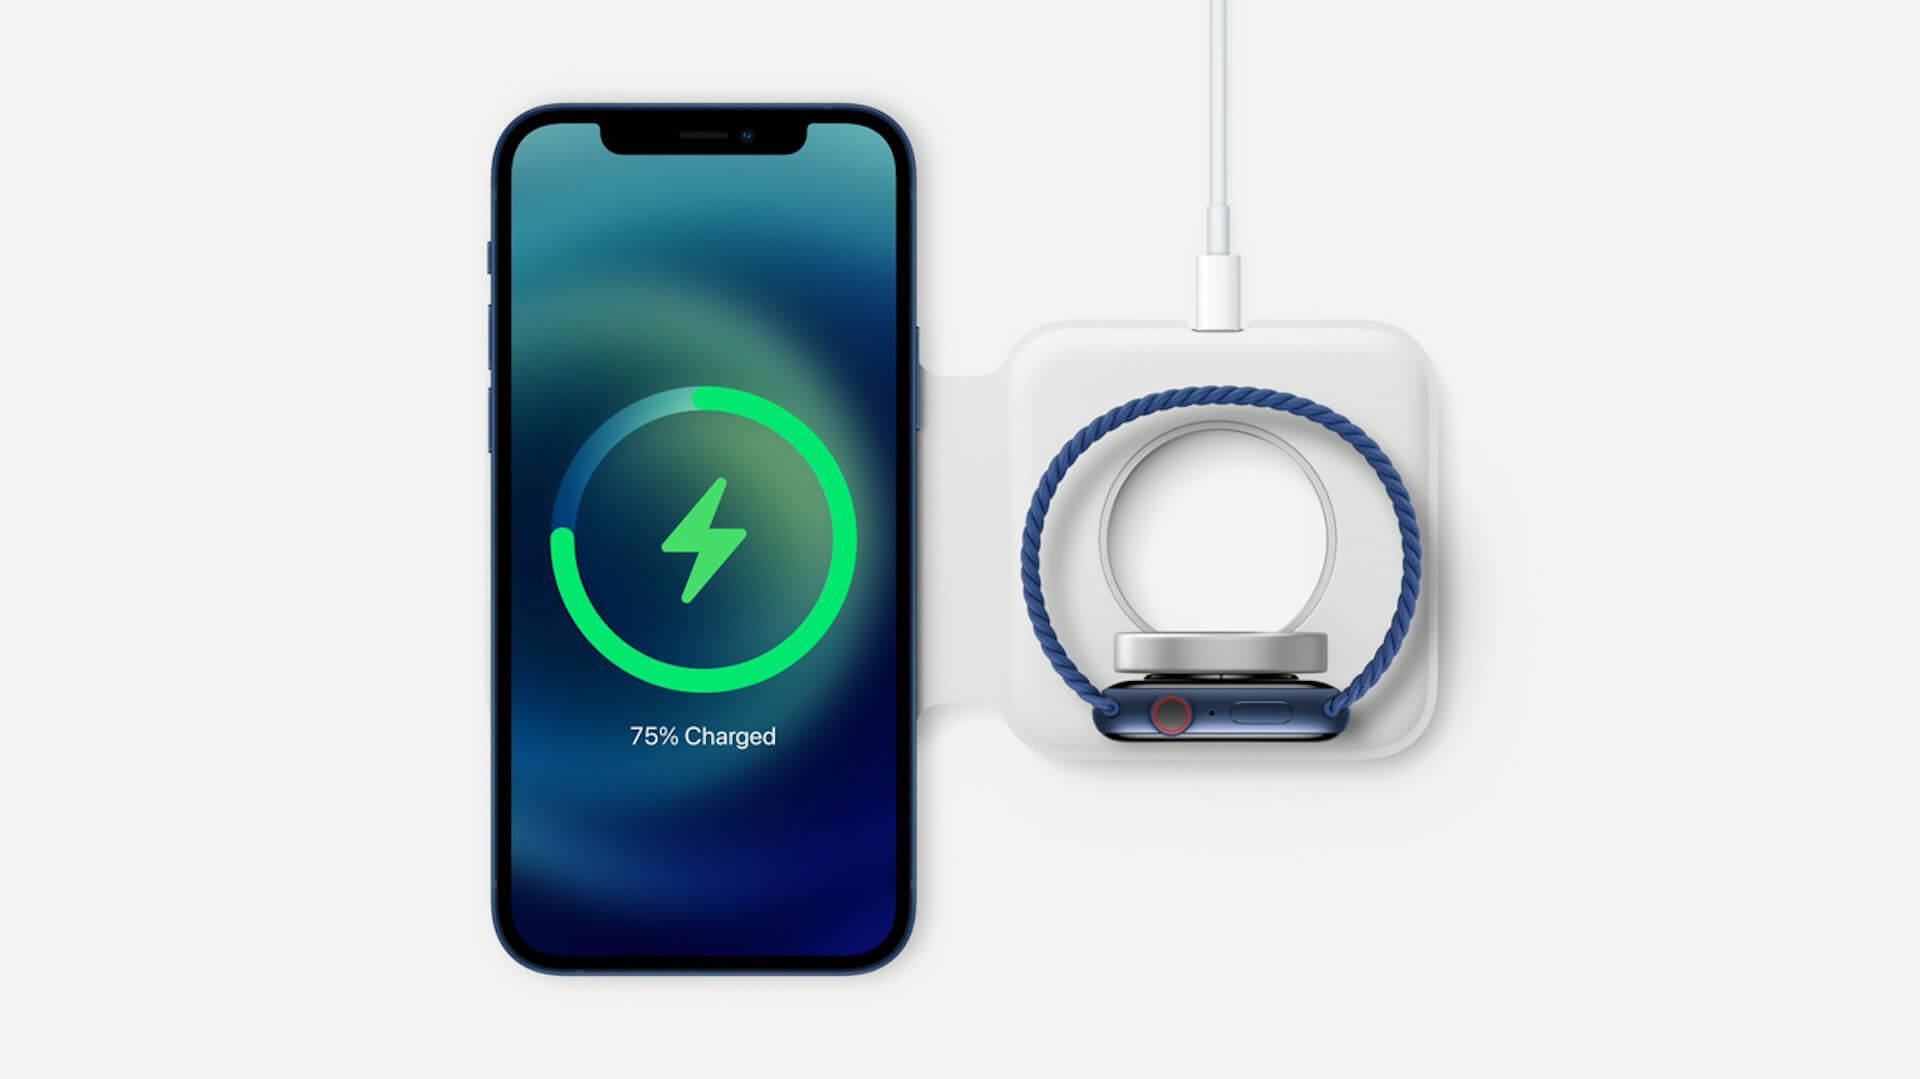 iPhone 12シリーズに使用できるワイヤレス充電器「MagSafeデュアル充電パッド」が11月6日にも発売か?著名記者が示唆 tech201022_magsafe_1